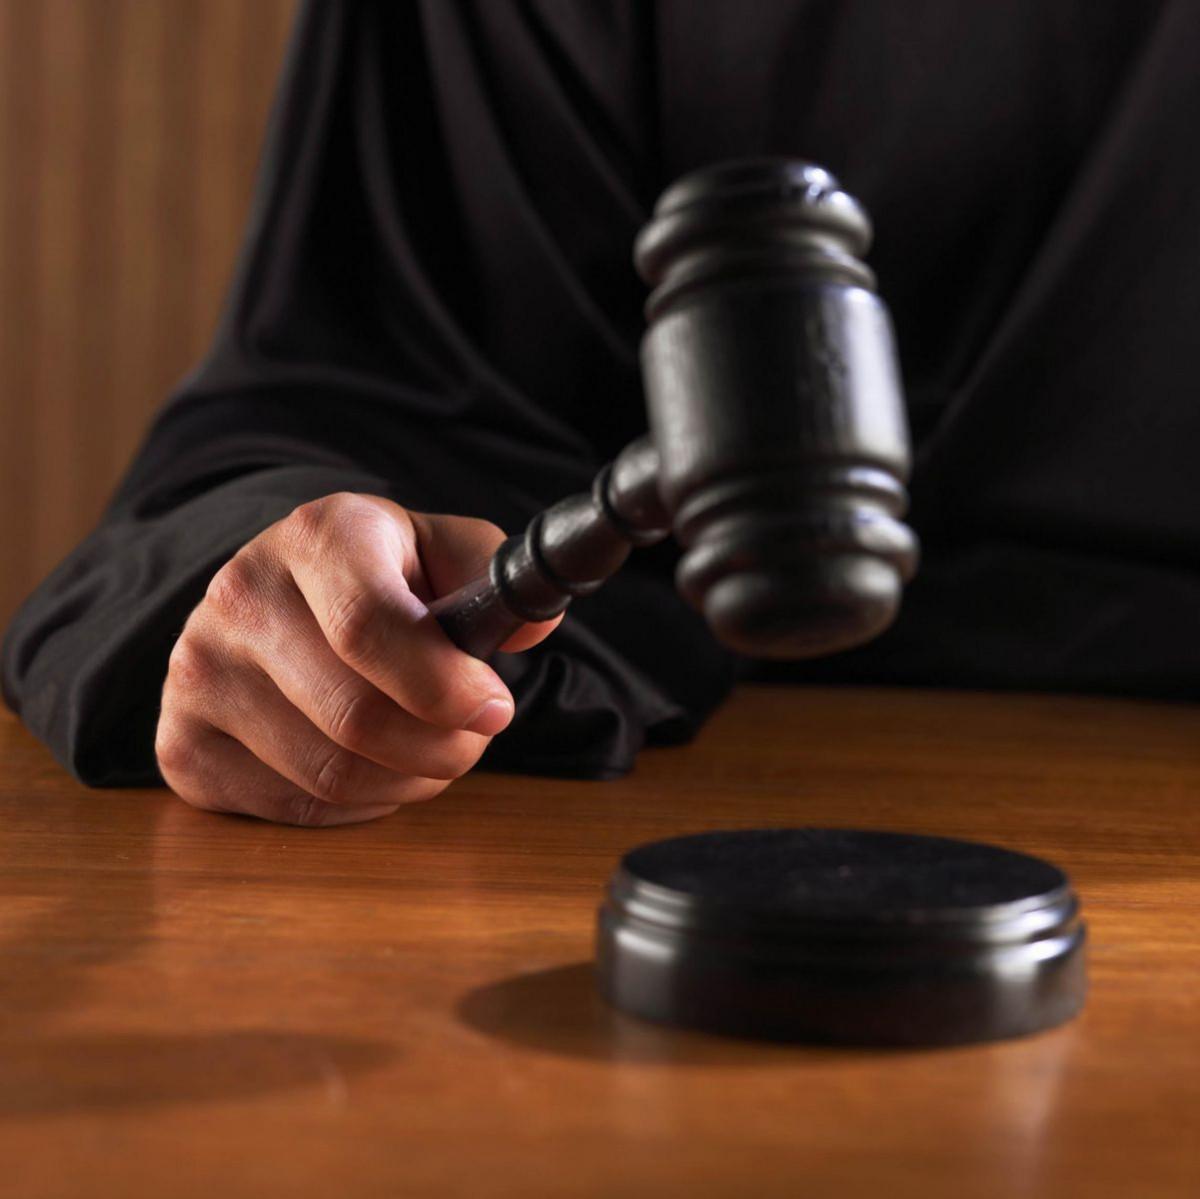 В Кузбассе осуждена женщина за то, что довела свою несовершеннолетнюю дочь до попытки самоубийства